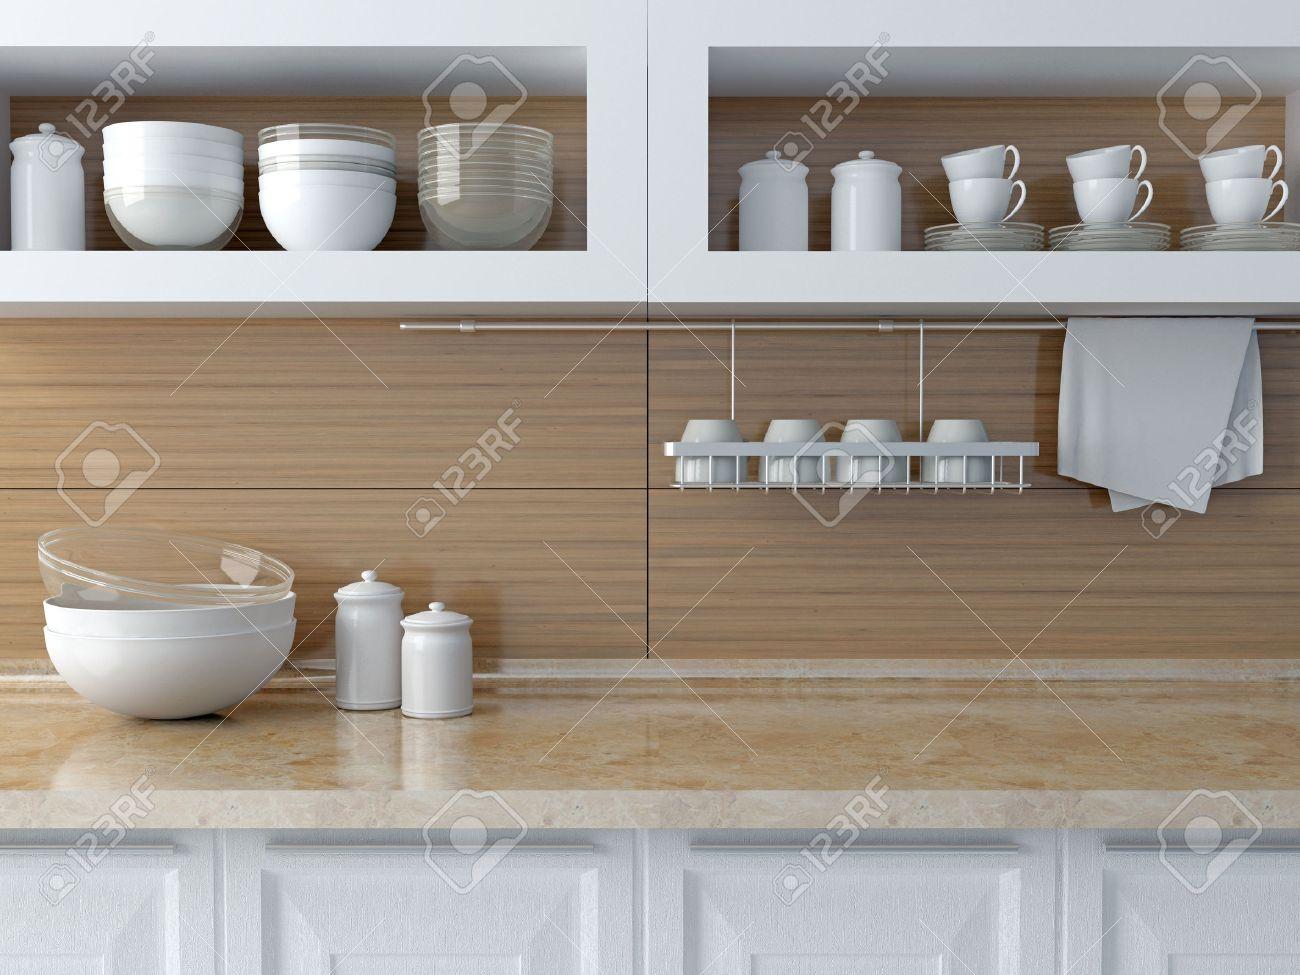 Full Size of Regal Küche Arbeitsplatte Kche Weie Keramik Geschirr Auf Marmor Sprüche Für Die 25 Cm Tief Regale Keller Landhaus Vorratsdosen Modulküche Holz Wohnzimmer Regal Küche Arbeitsplatte